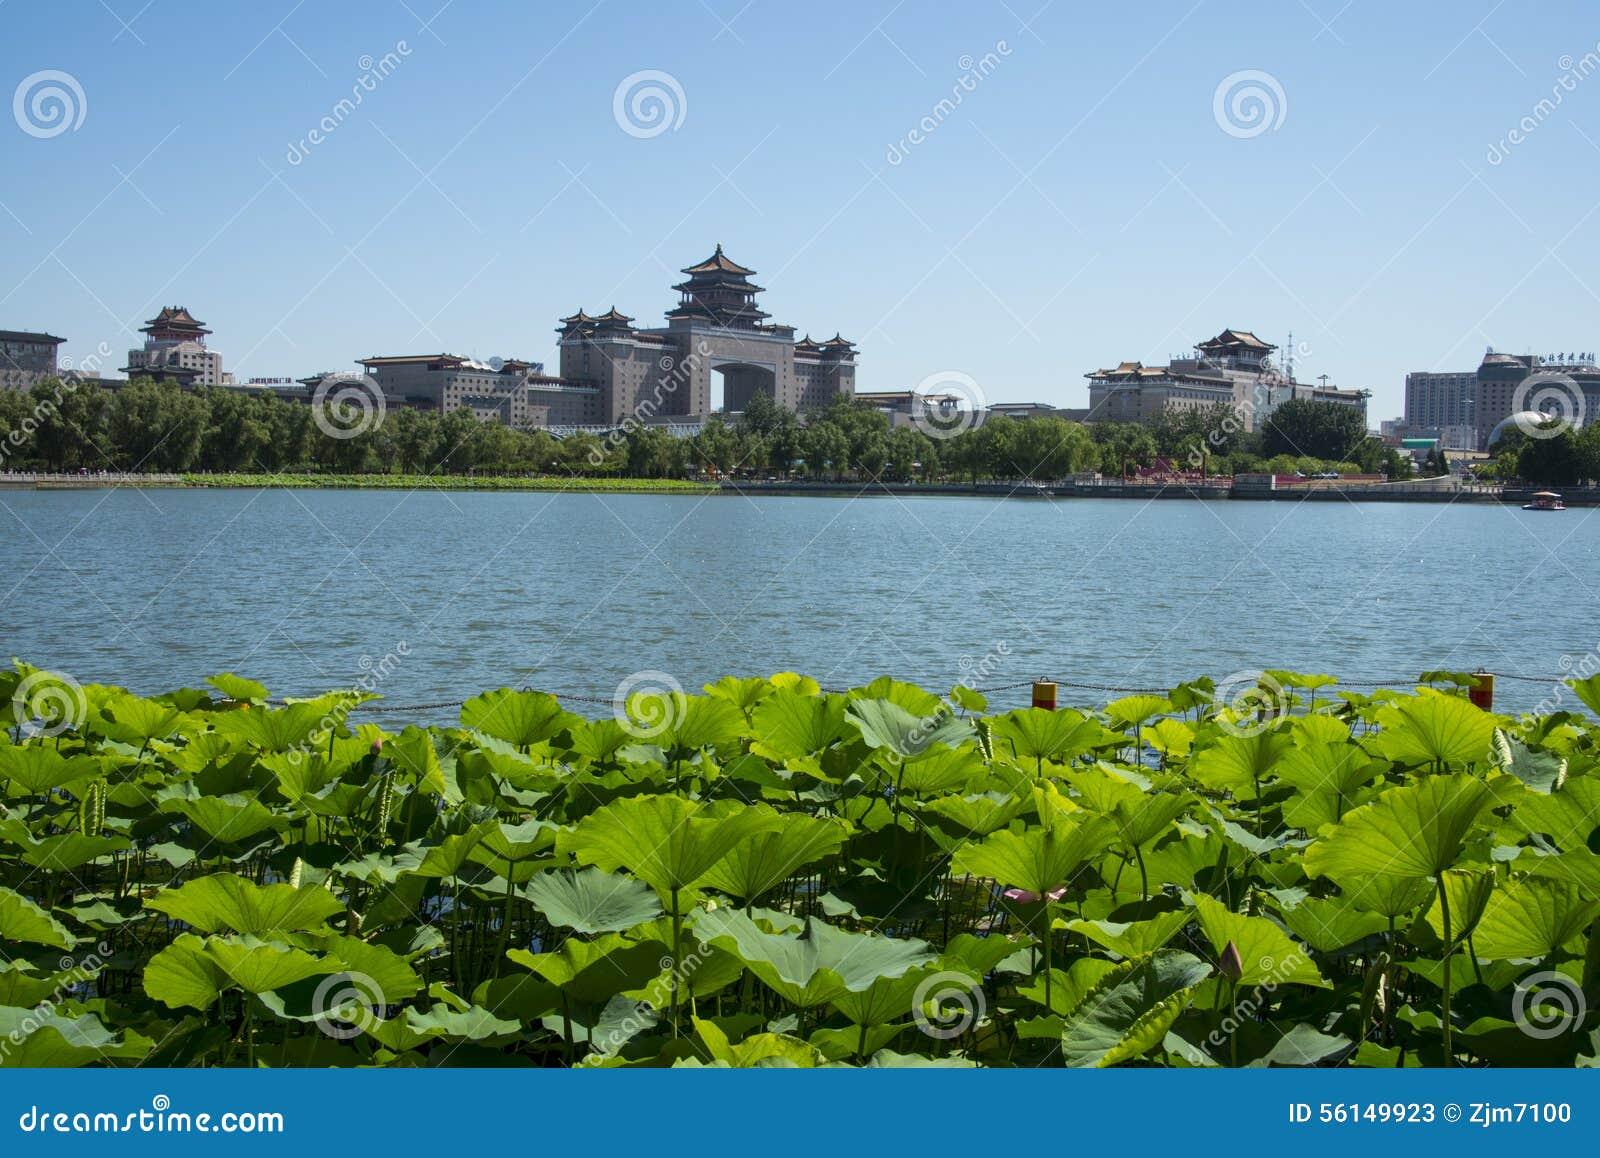 亚洲中国,北京,荷花池公园,荷花池,北京西站